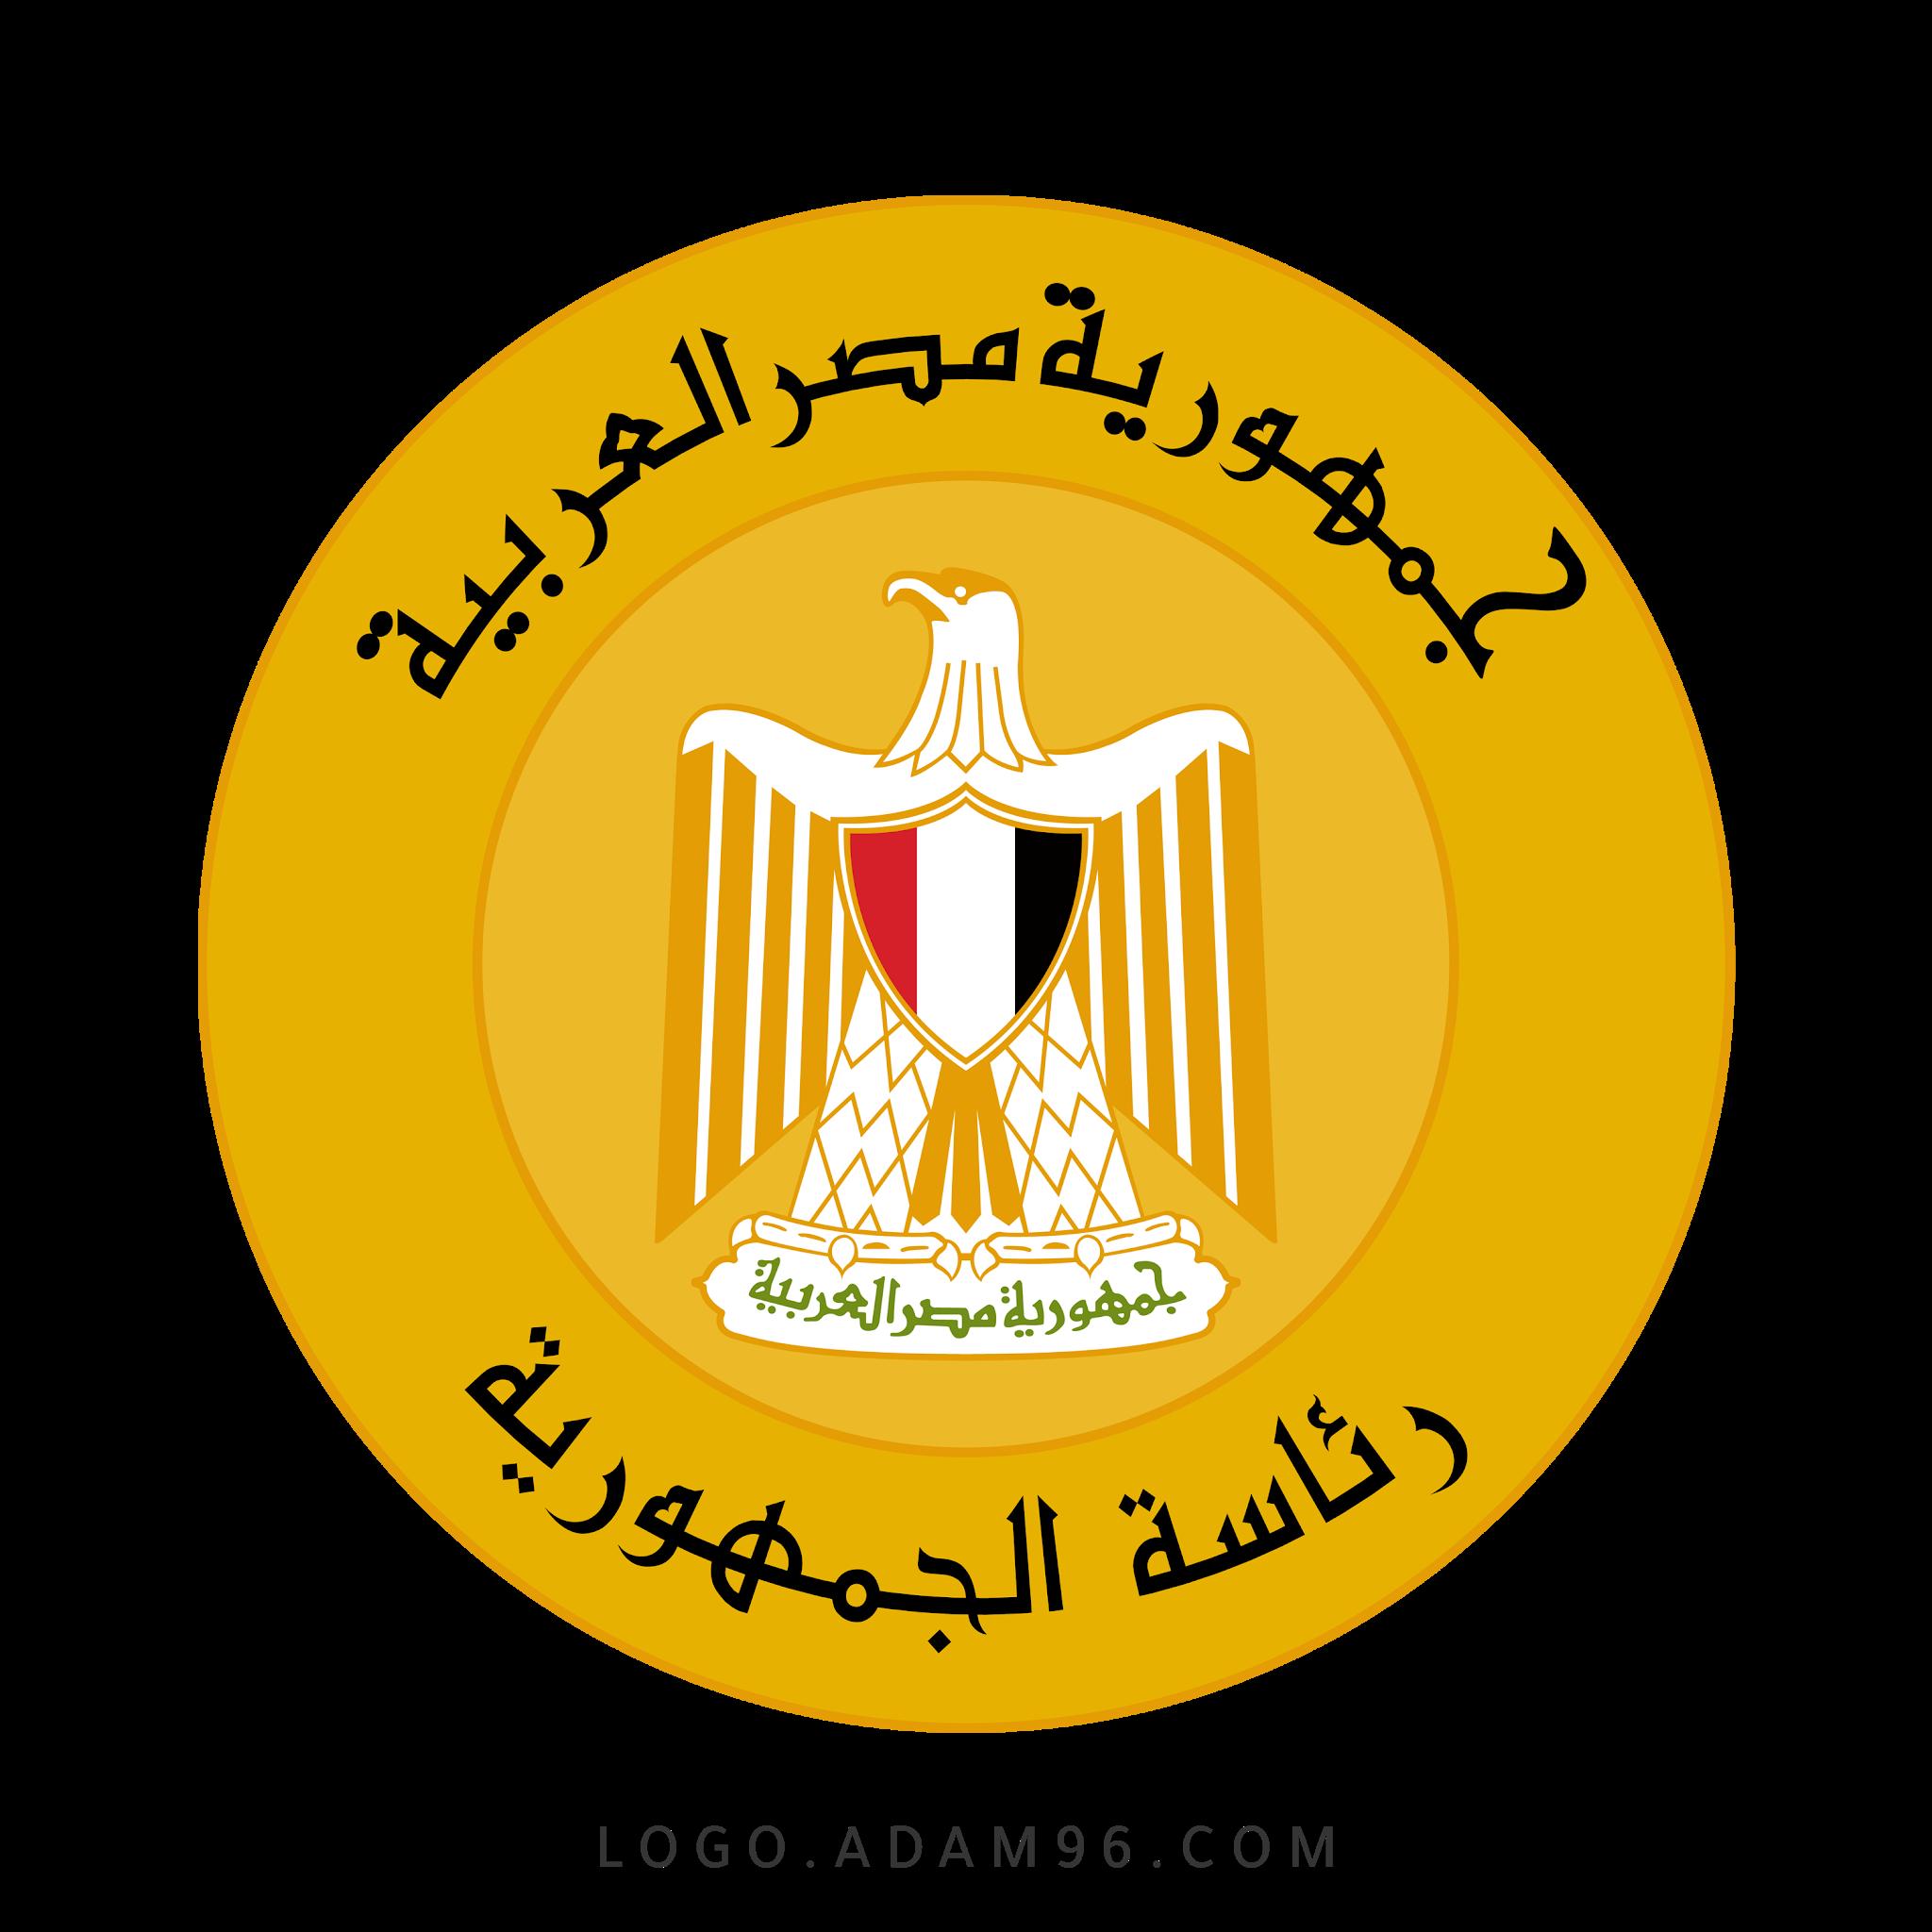 تحميل شعار رئاسة الجمهورية مصر لوجو رسمي عالي الجودة PNG